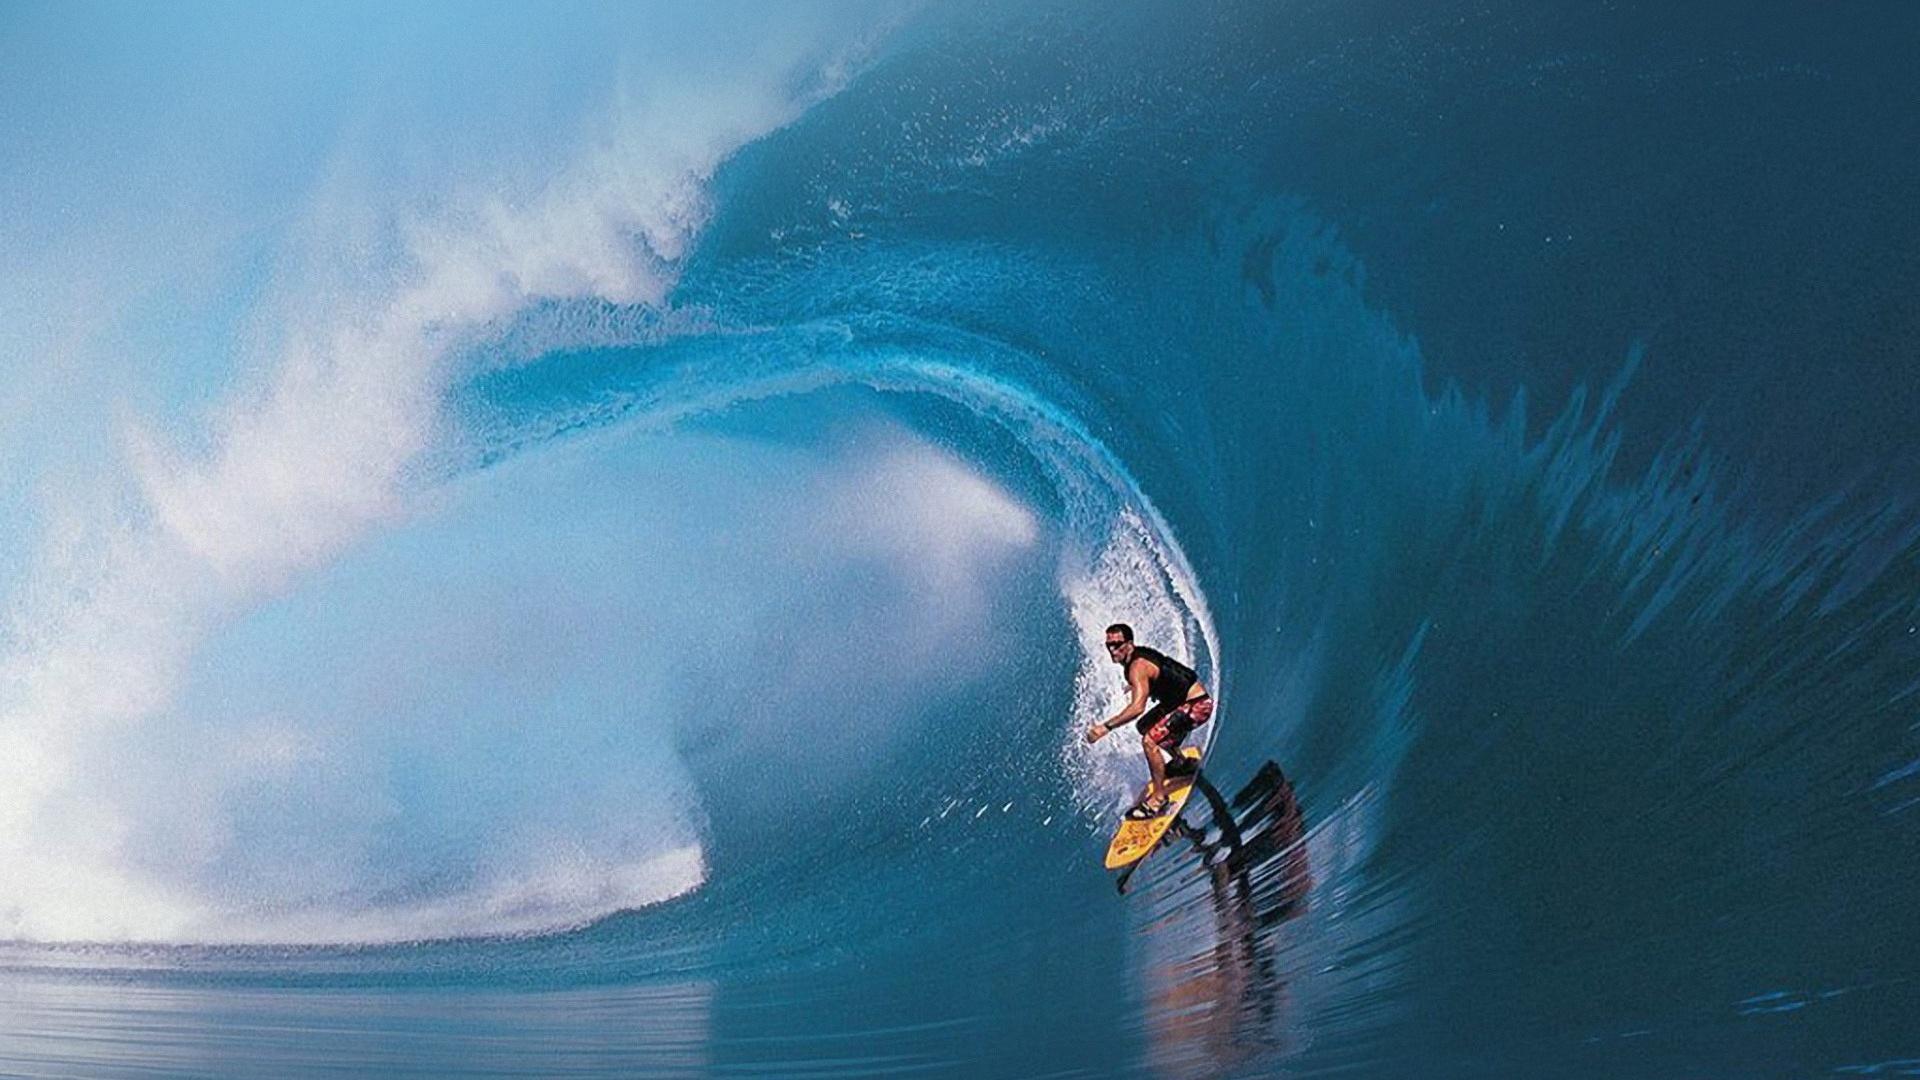 1920x1080 Surfing 1920x1080